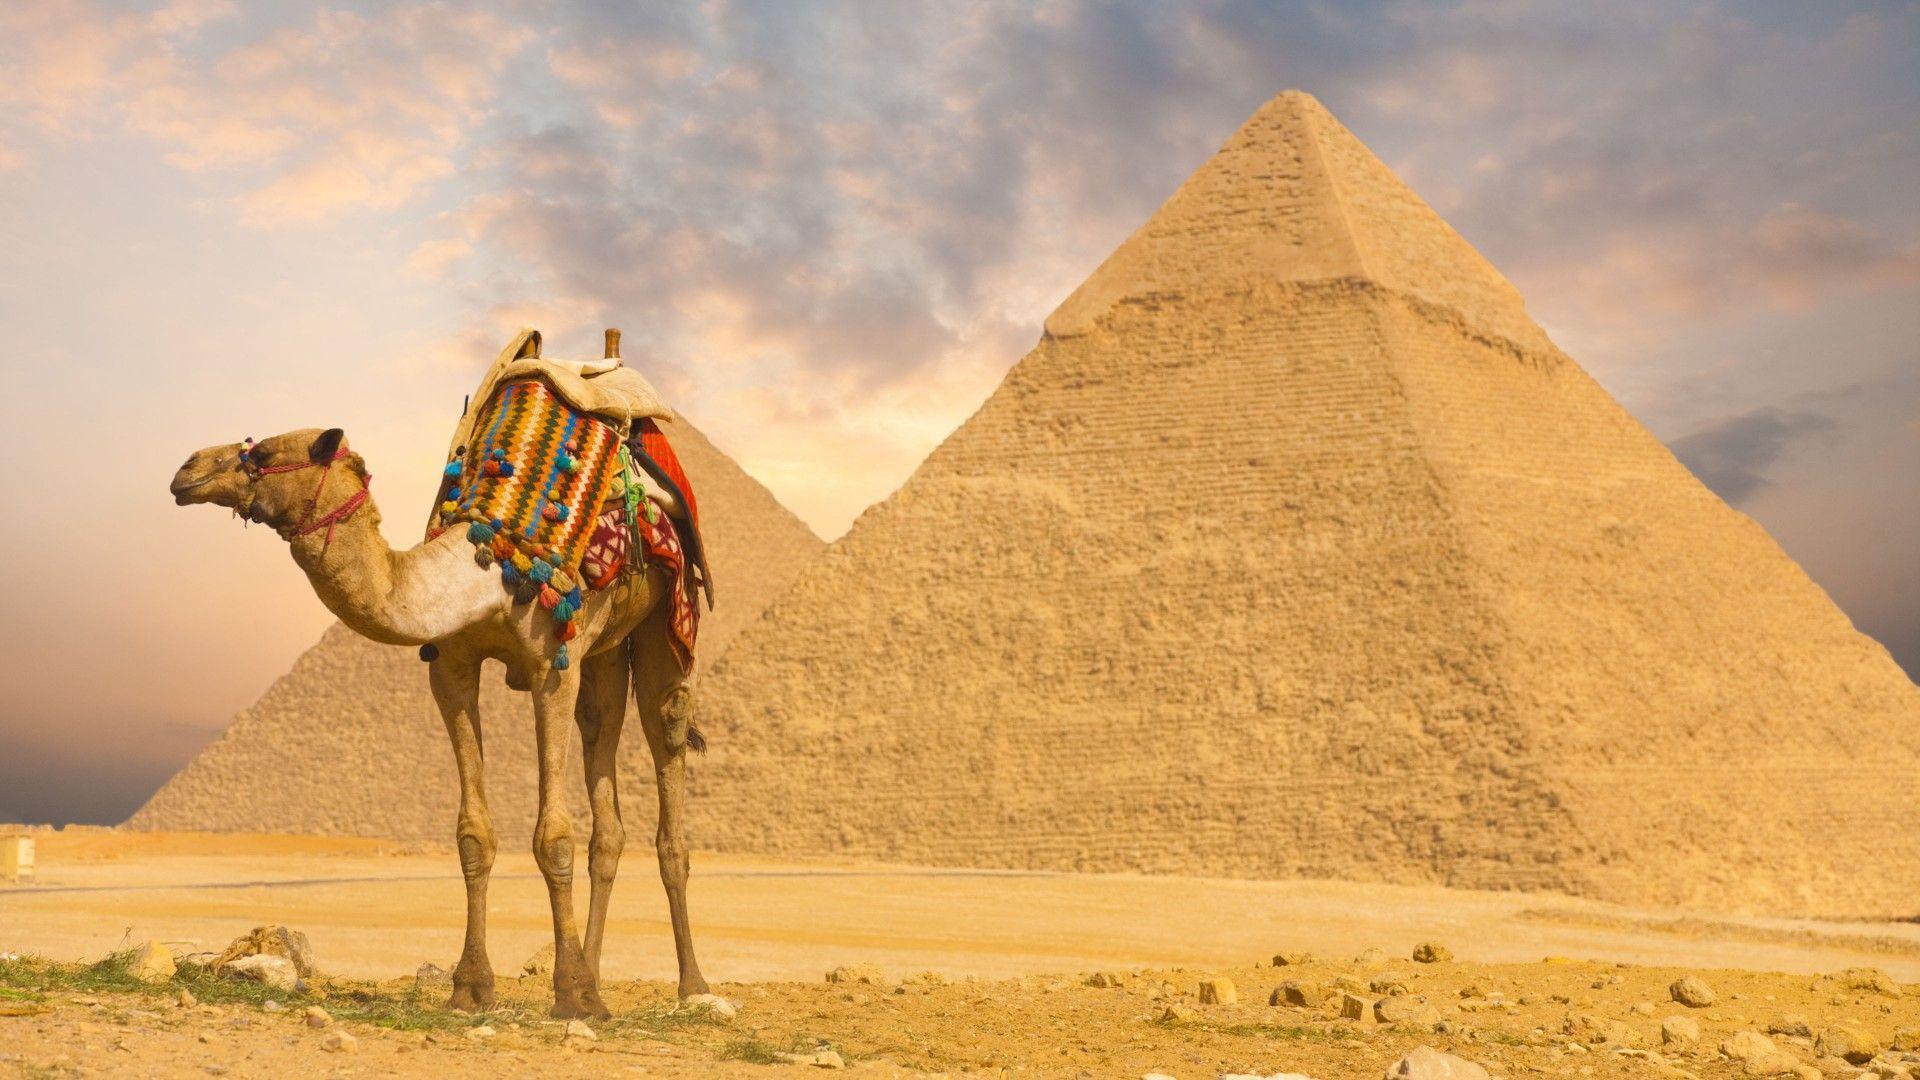 Desert Camel Pyramids